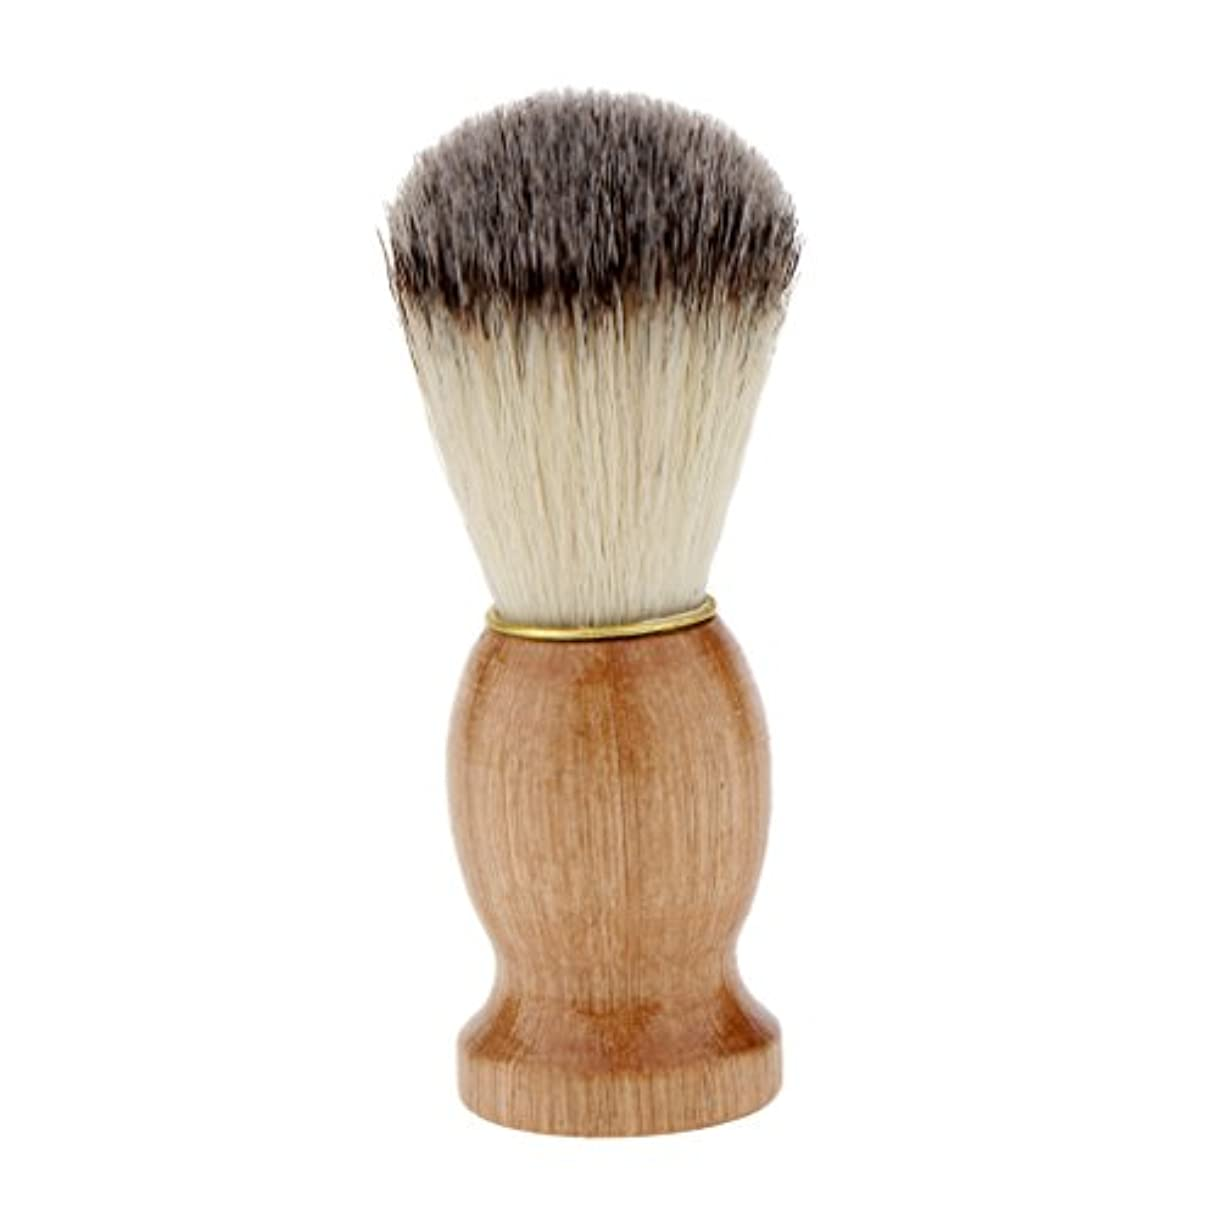 代替案ひねくれたいつも男性ギフト剃毛シェービングブラシプロ理髪店サロン剛毛ブラシウッドハンドルダストクリーニングツール